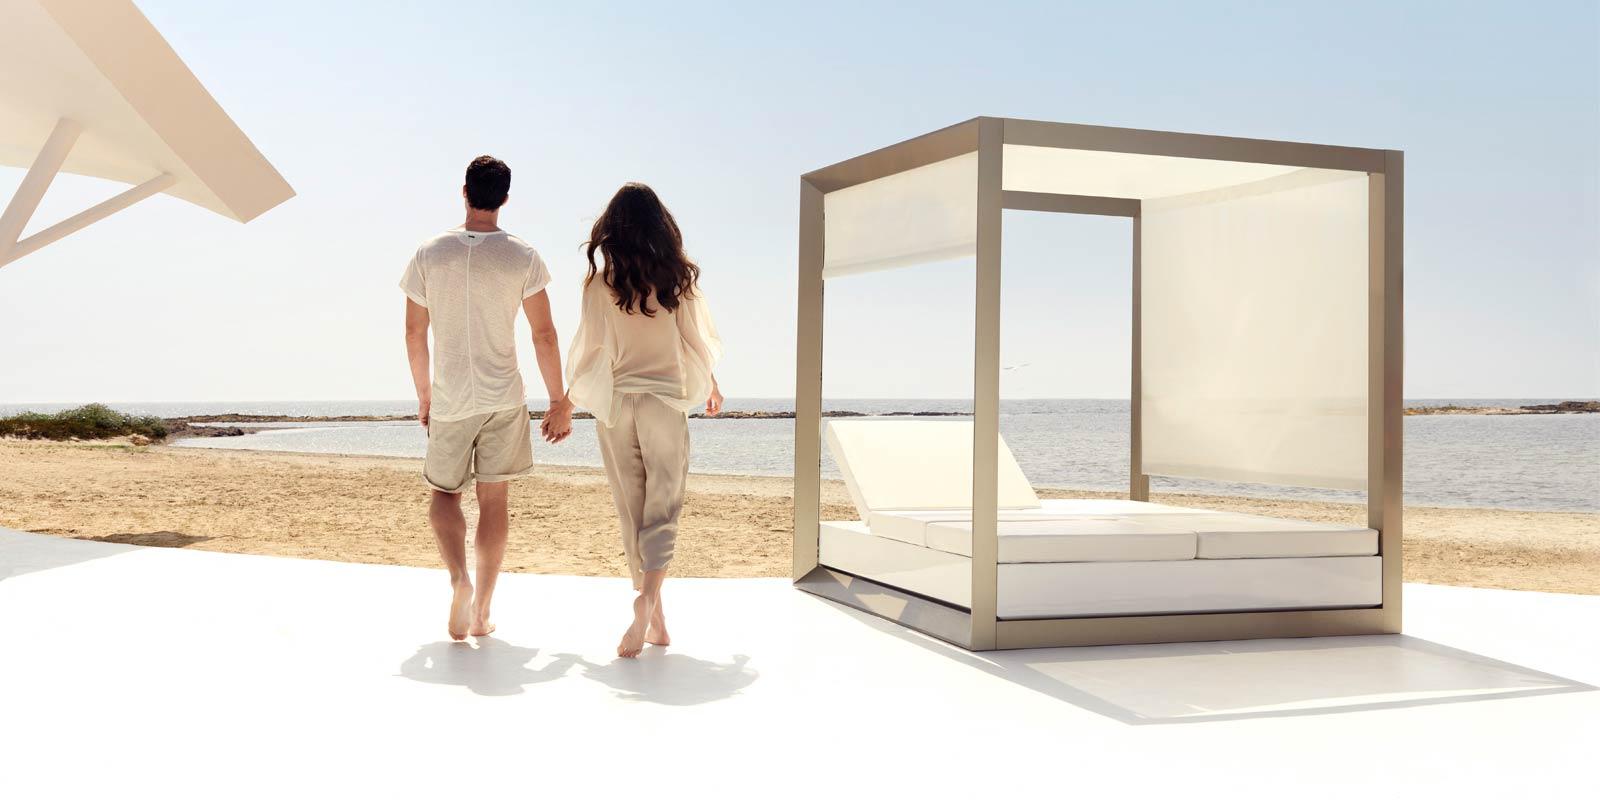 VONDOM-muebles-exterior-diseño-daybed-pergola-cama-de-dia-exterior-vela-ramonesteve-vondom_(10)